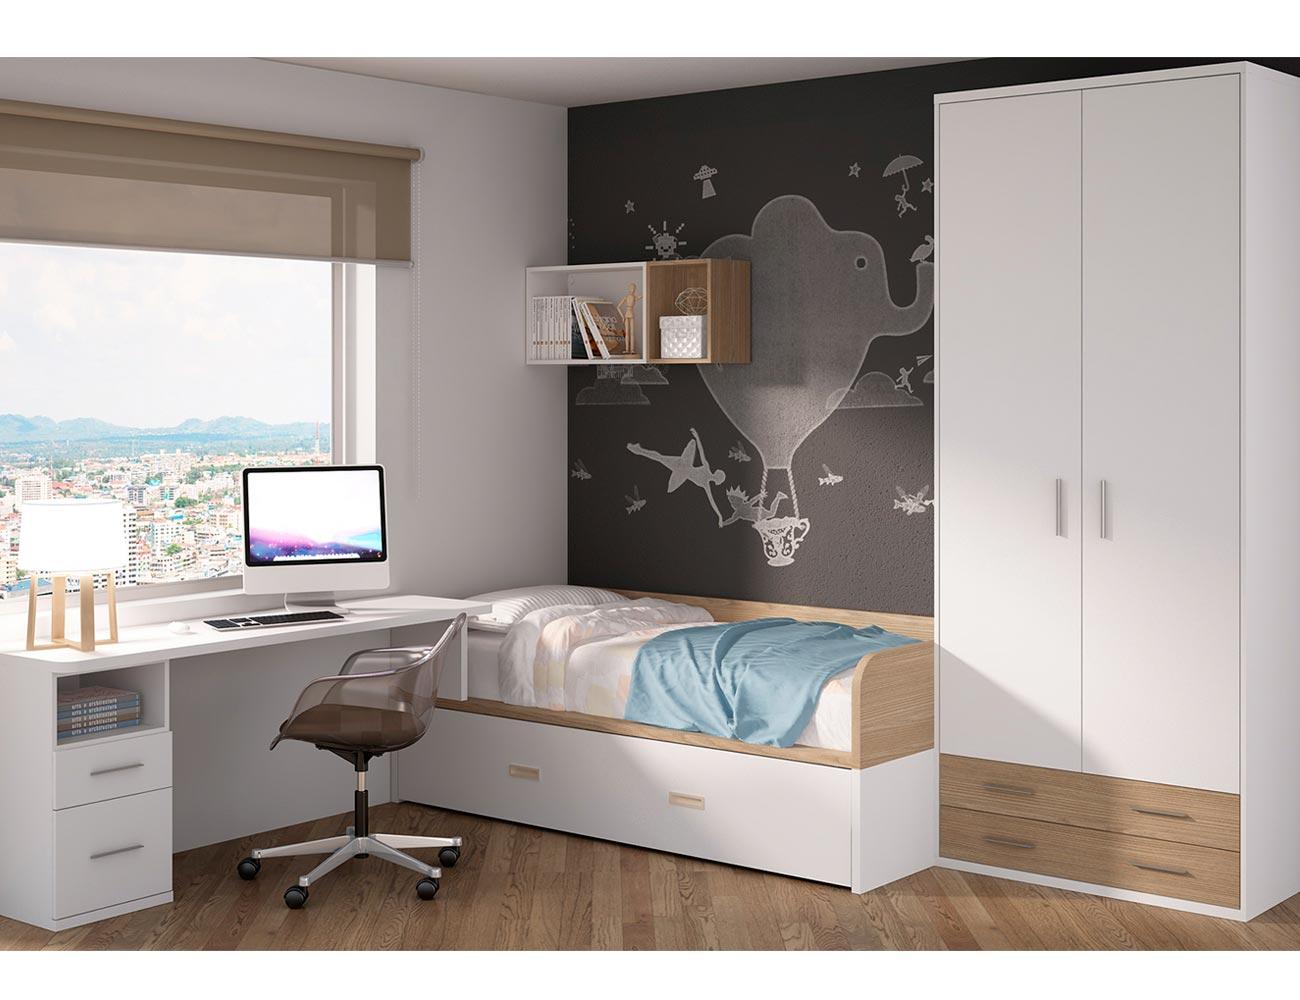 Dormitorio juvenil con cama nido base 30 con arrastre 13209 factory del mueble utrera - Muebles utrera ...